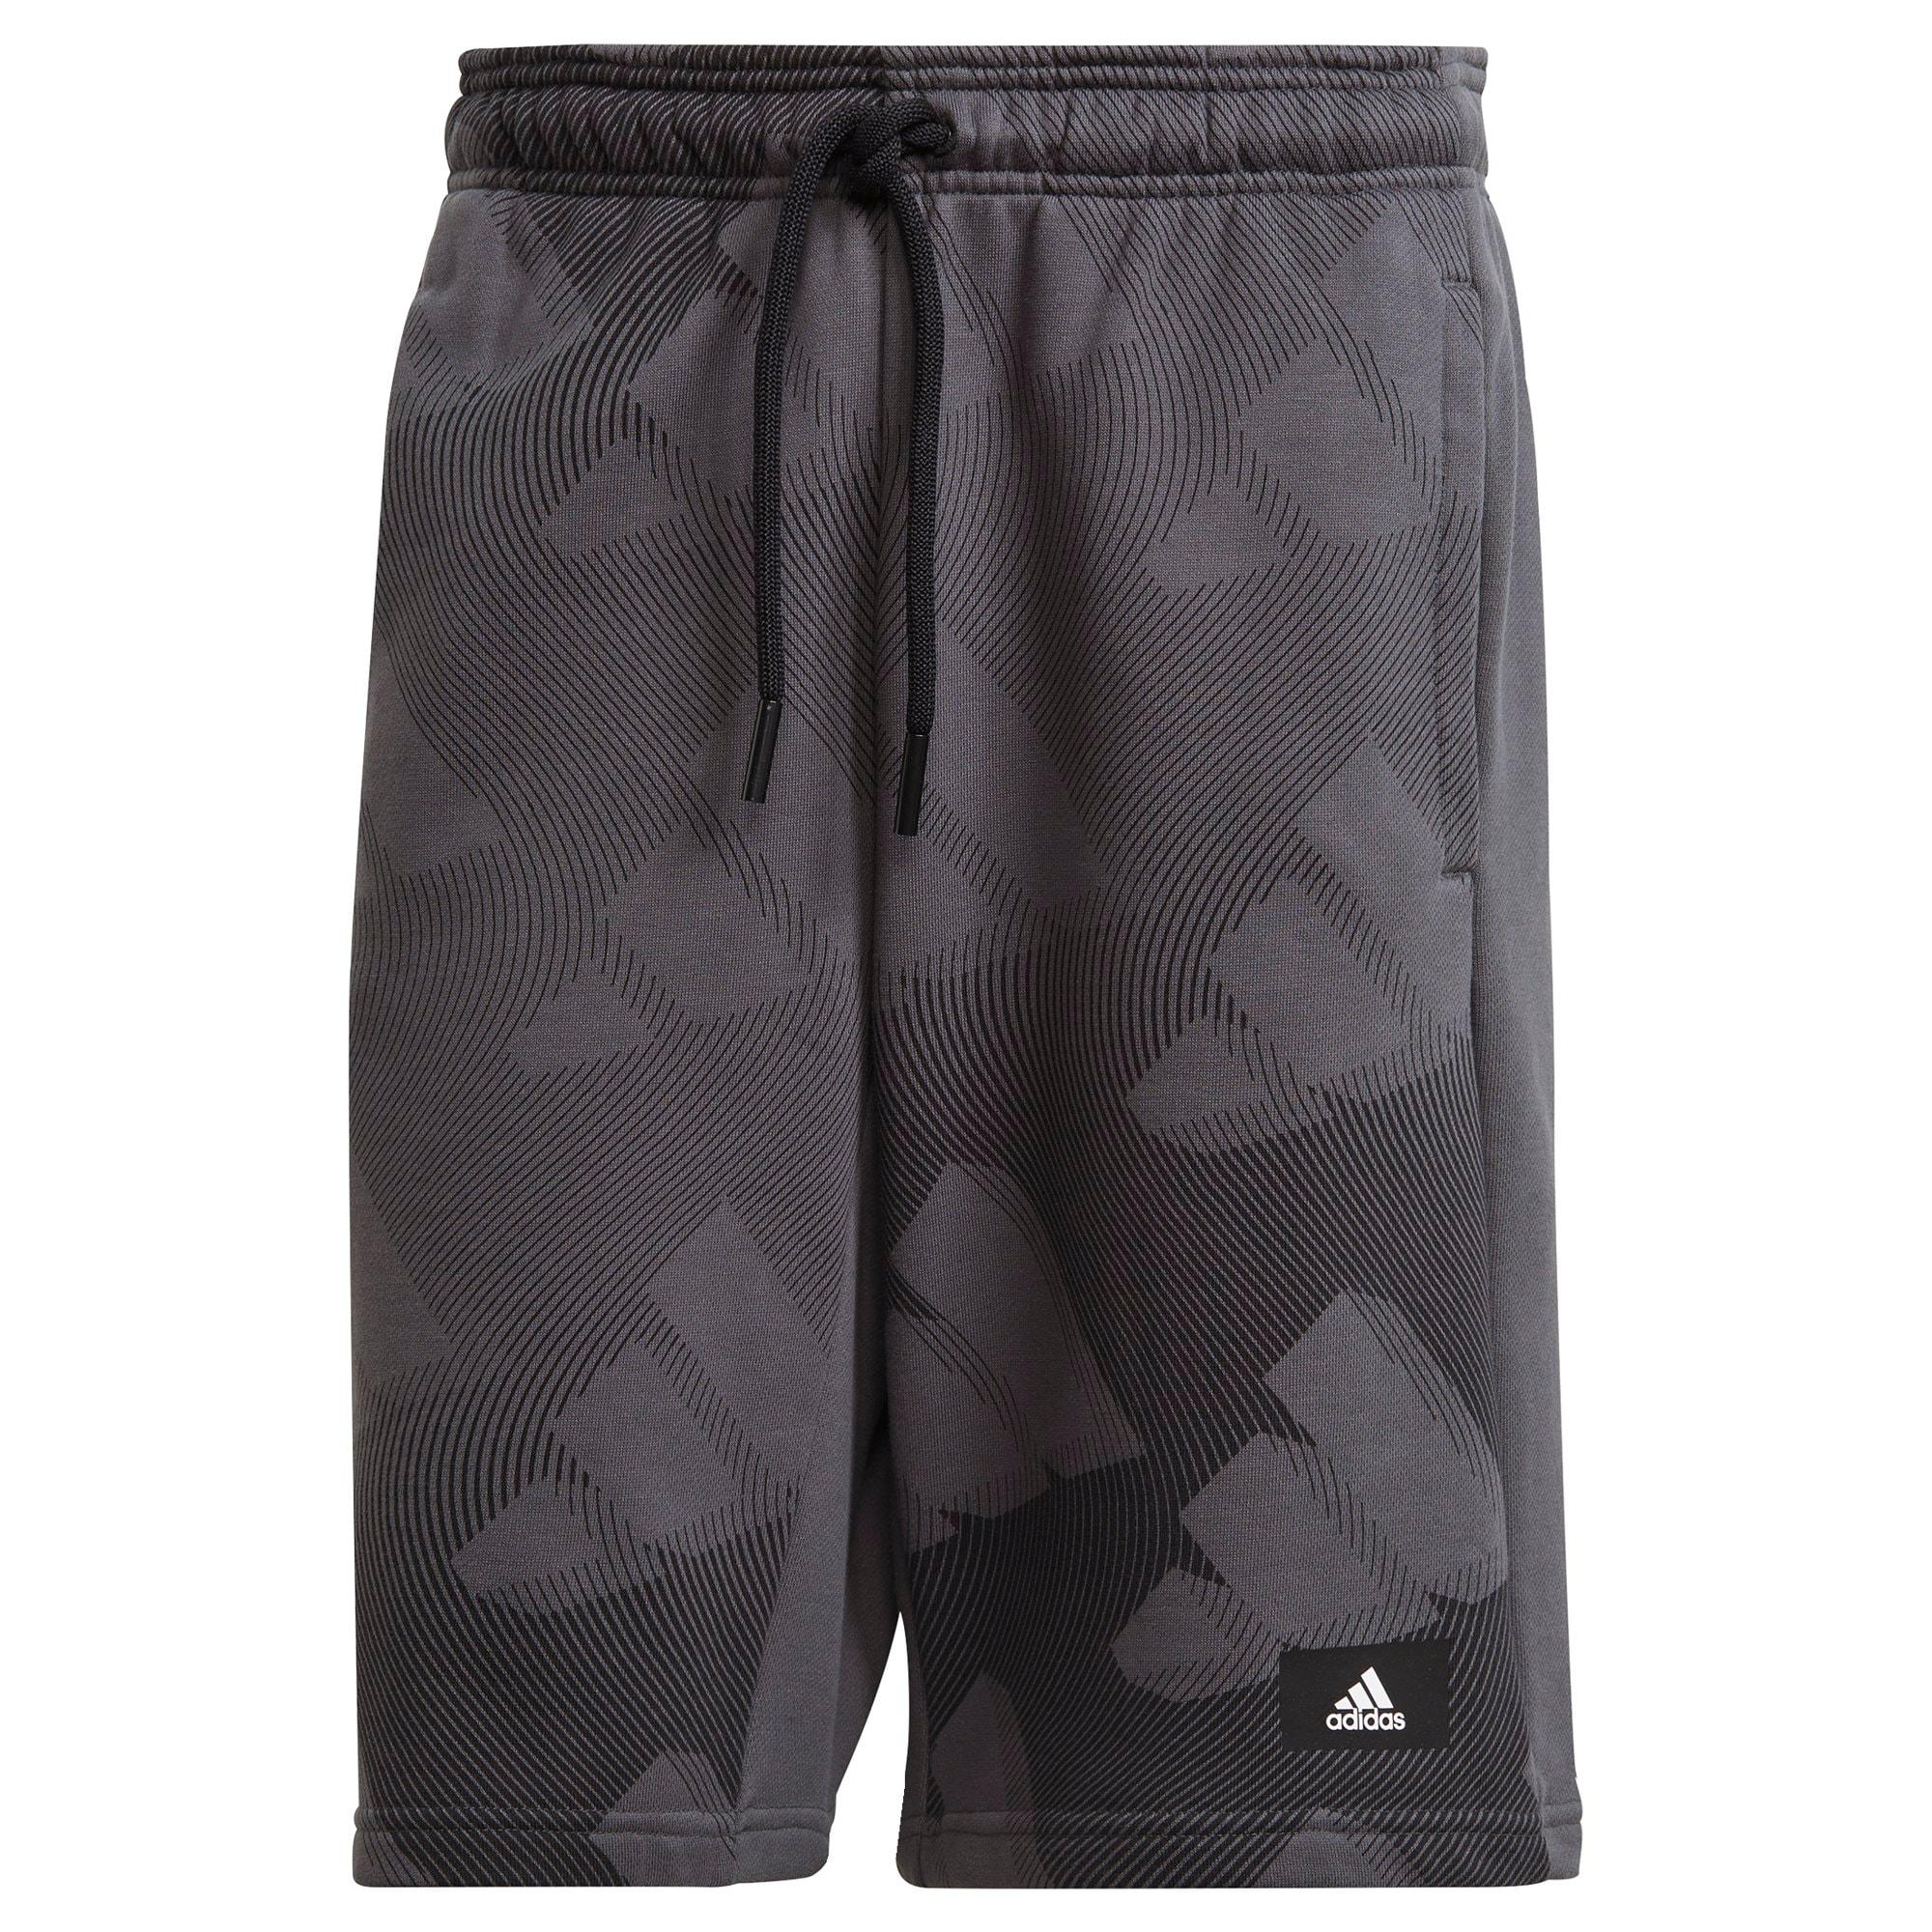 ADIDAS PERFORMANCE Sportinio tipo megztinis pilka / tamsiai pilka